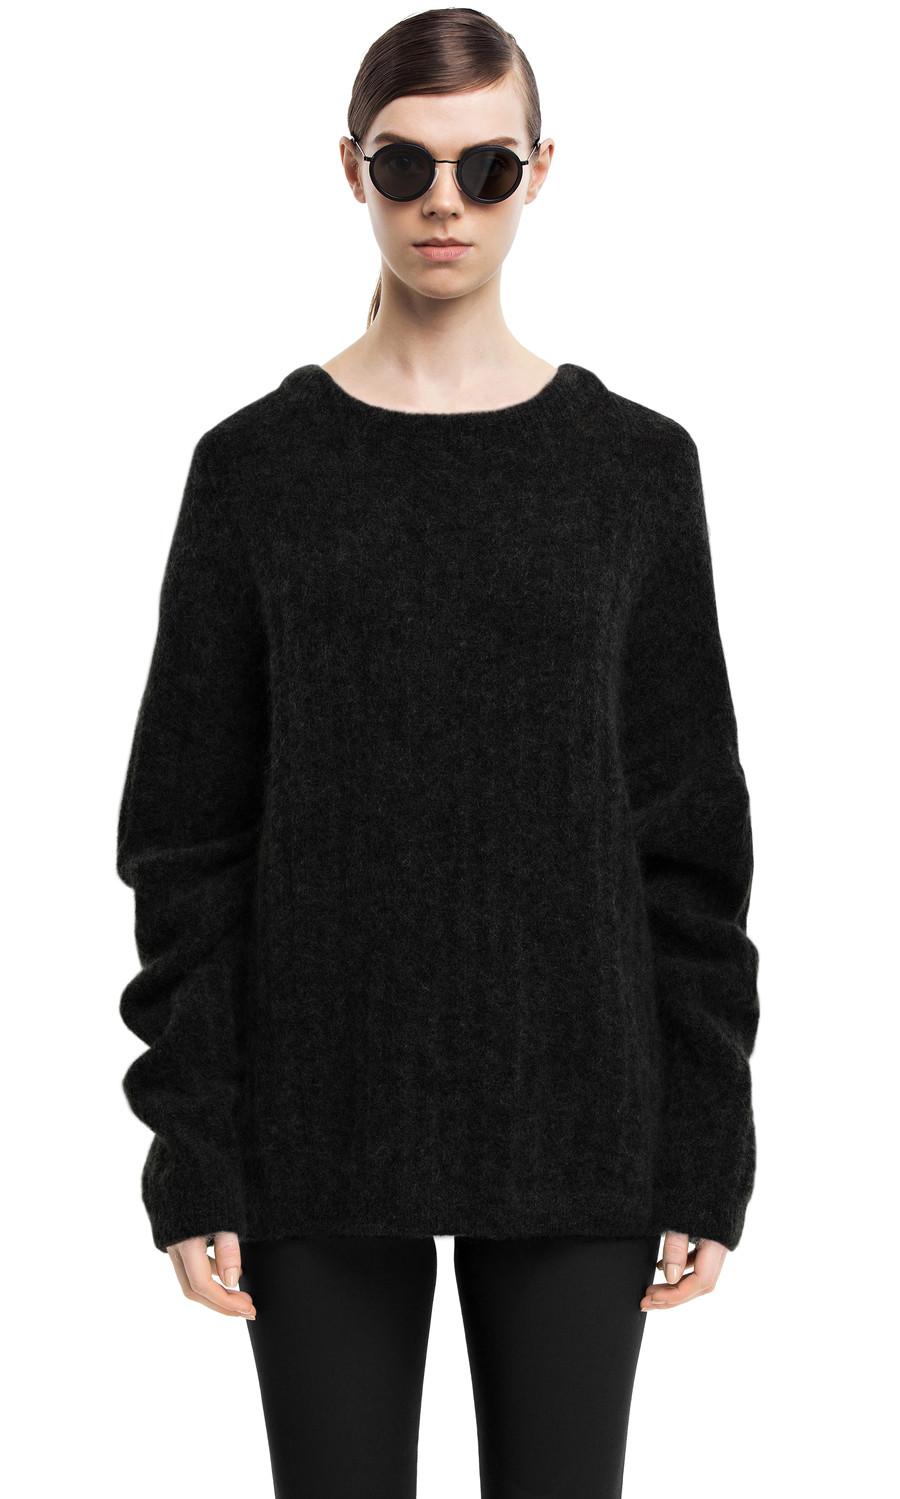 Acne knitwear